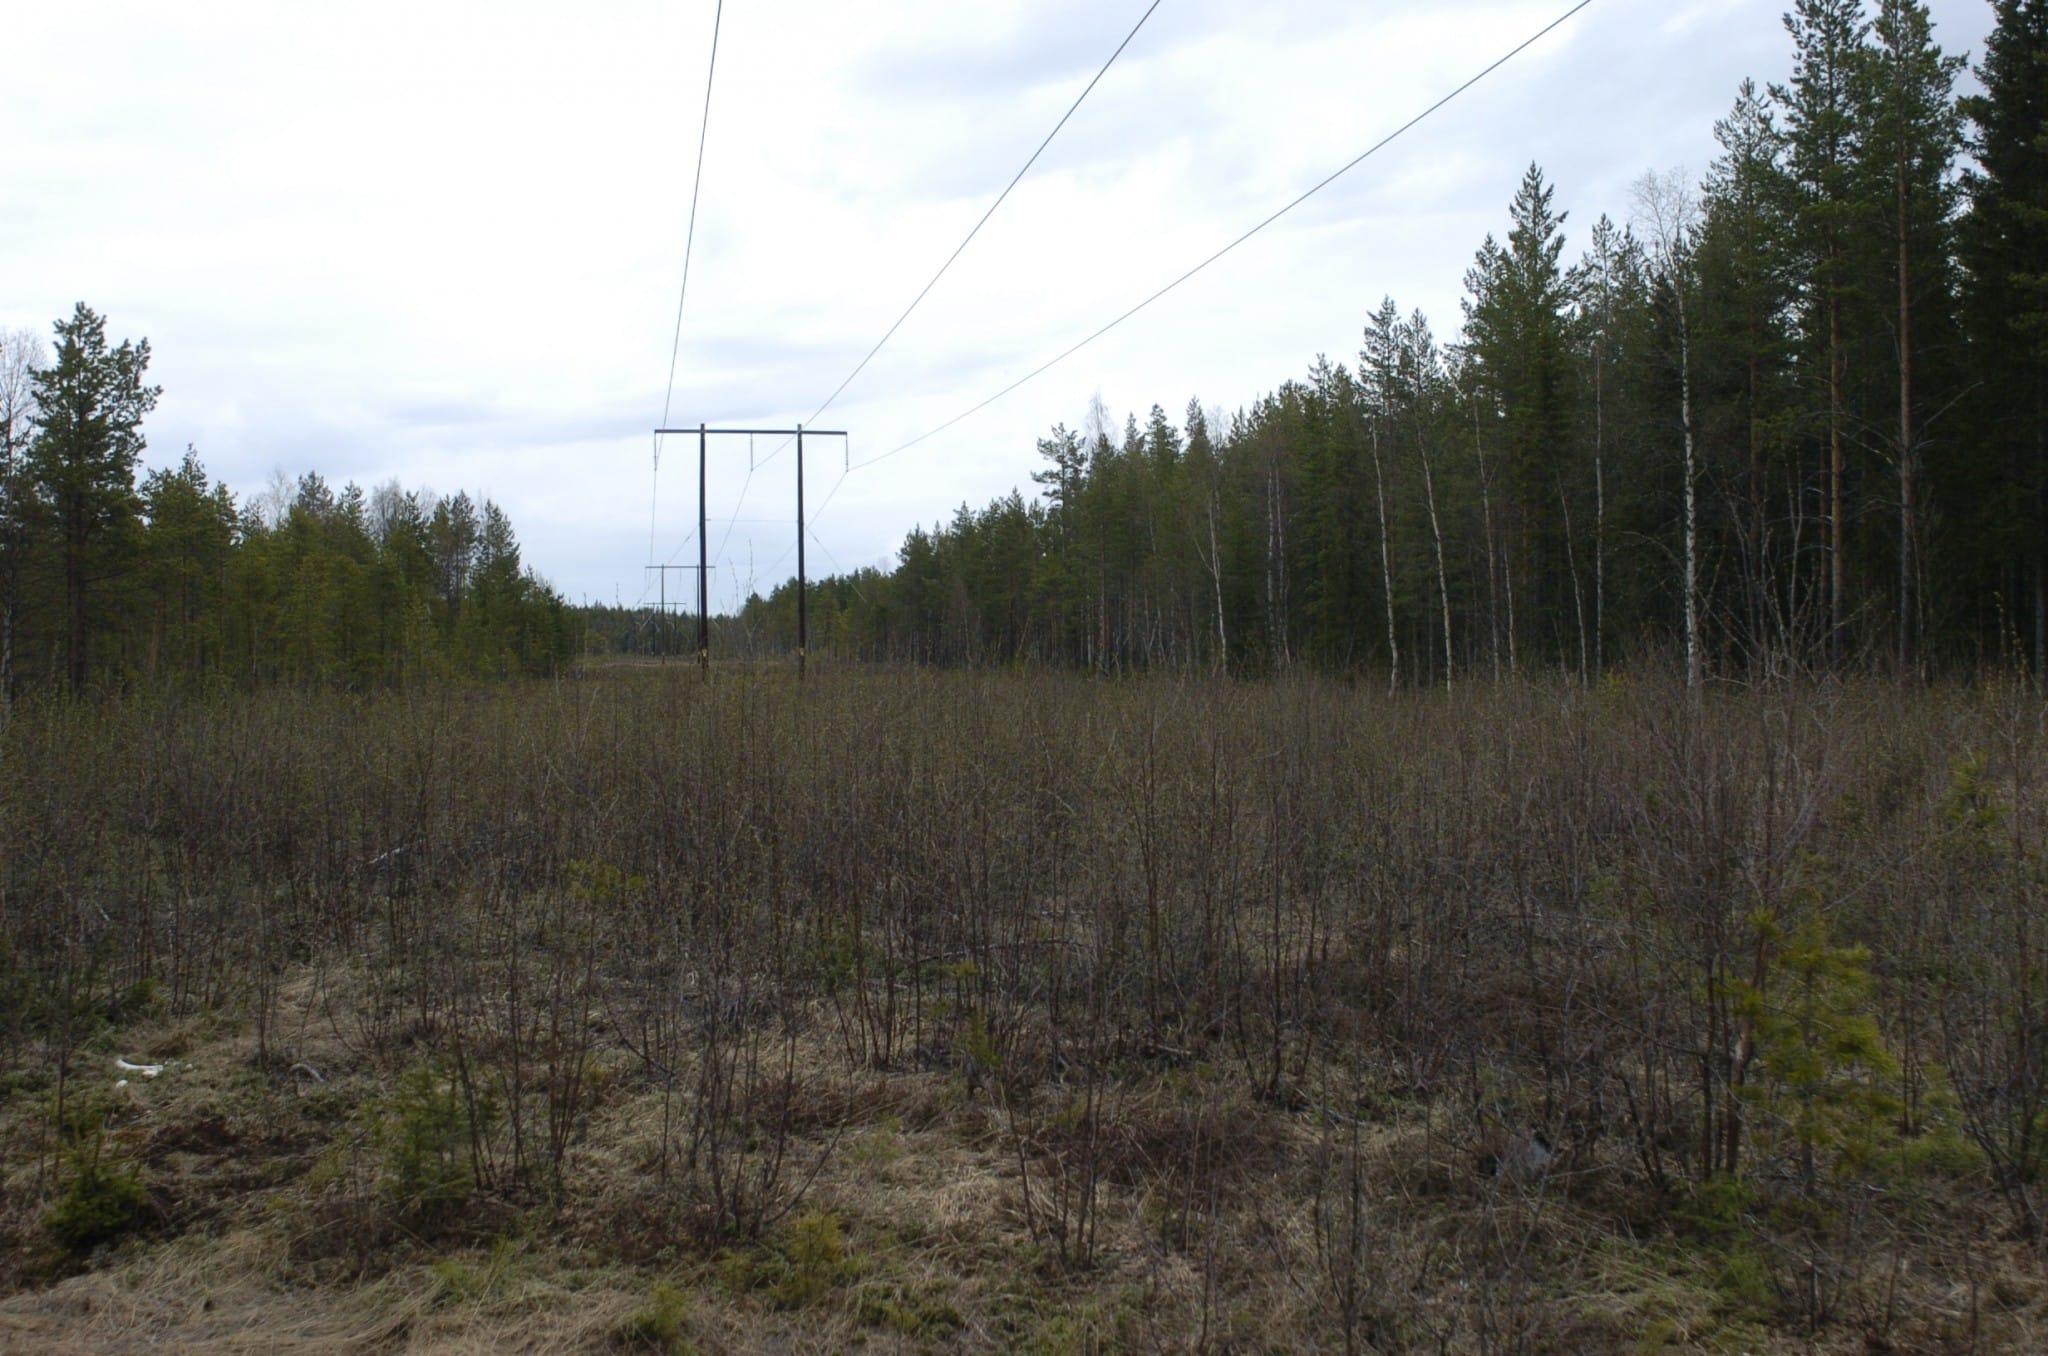 En kraftledningsgata producerar mycket viltfoder om man undviker att röja den ner till svarta jorden. Foto: Bernt Karlsson